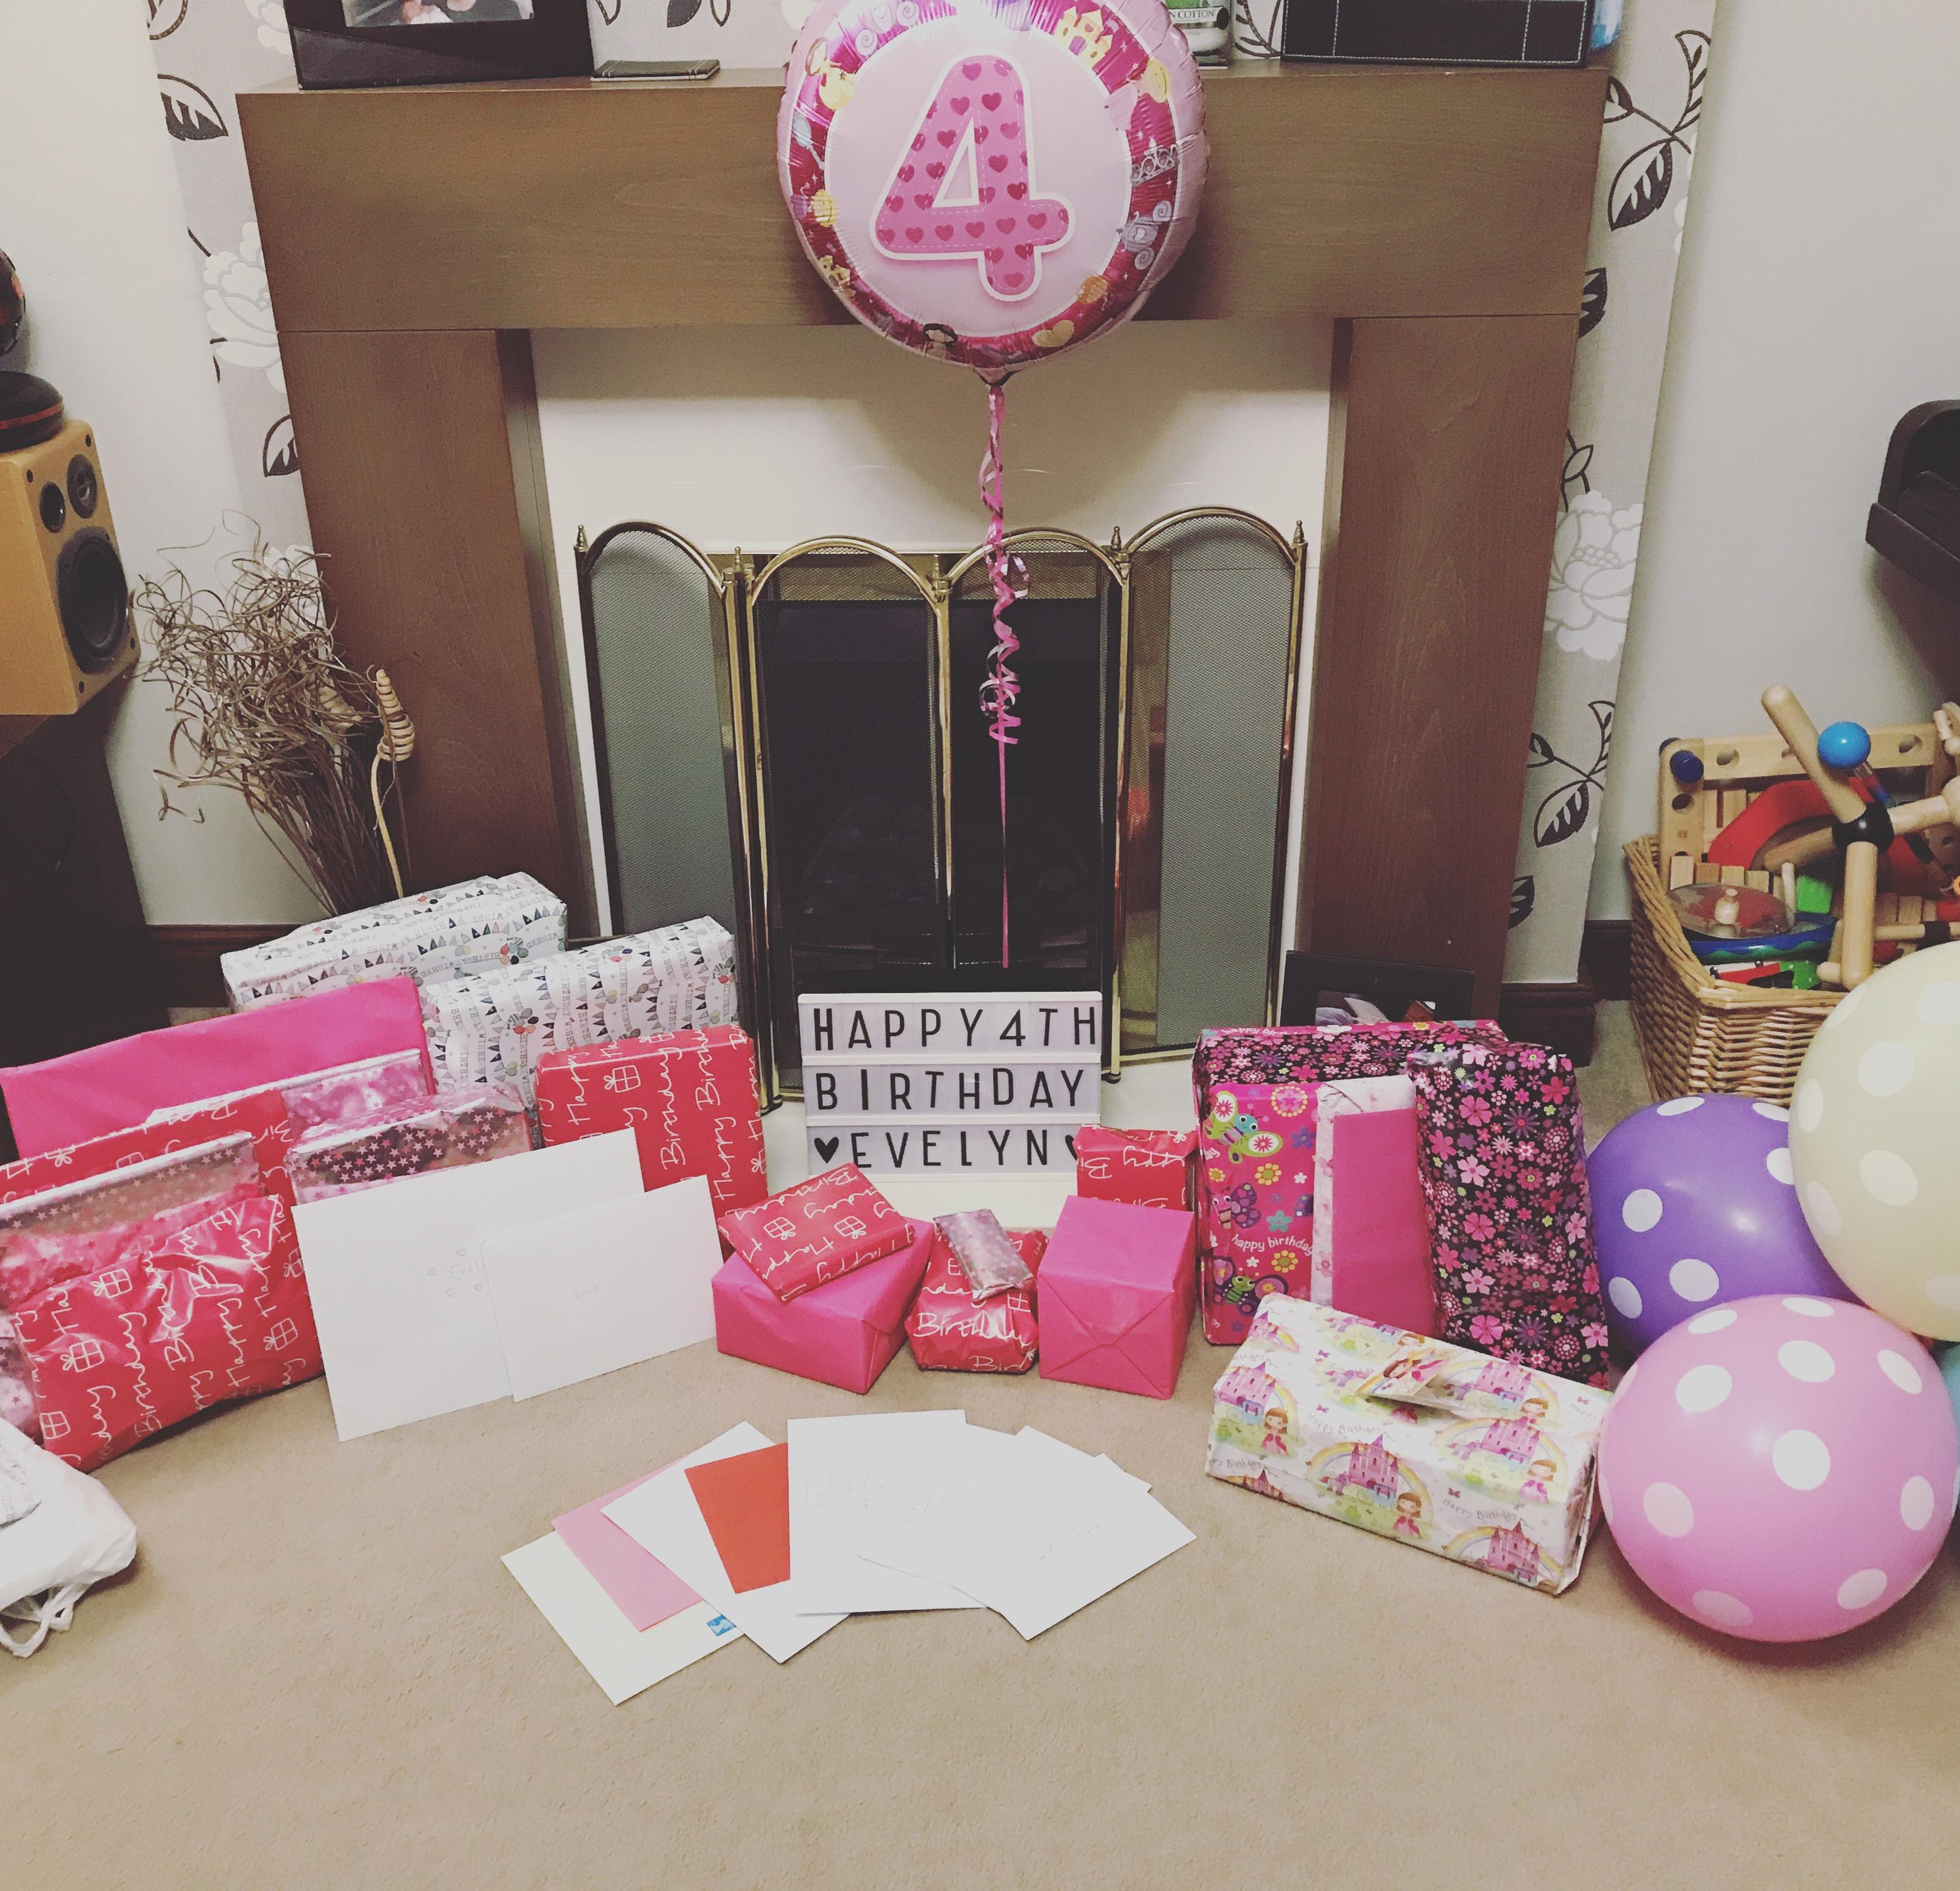 #LittleLoves - Birthdays, Blondie & Baking